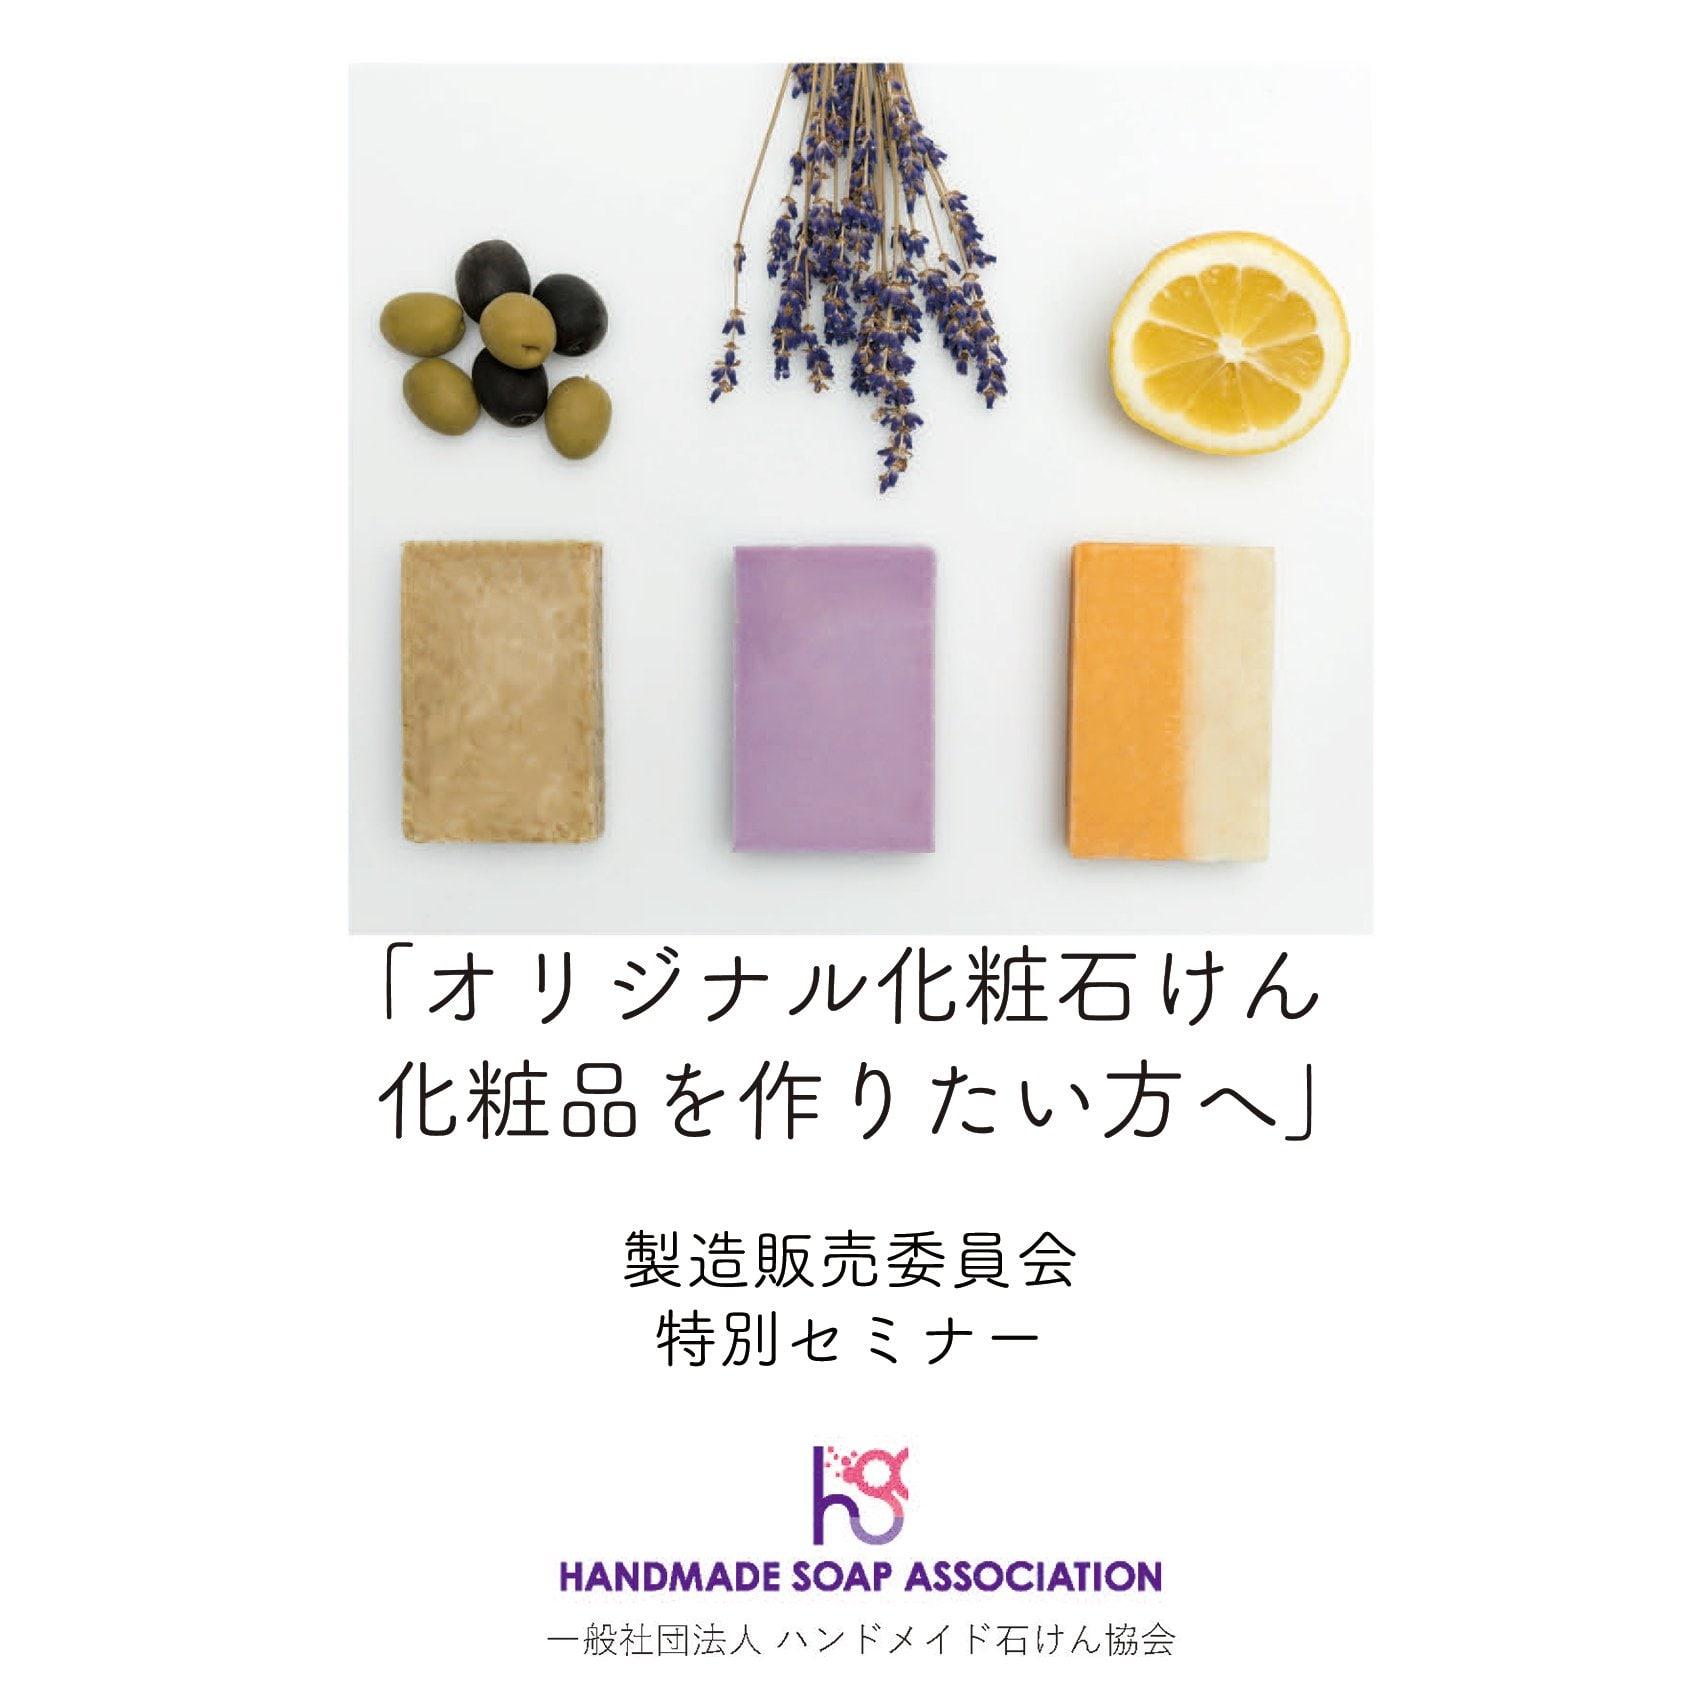 【オリジナル化粧石けんや化粧品を作りたい方へ】ハンドメイド石けん協会のイメージその1